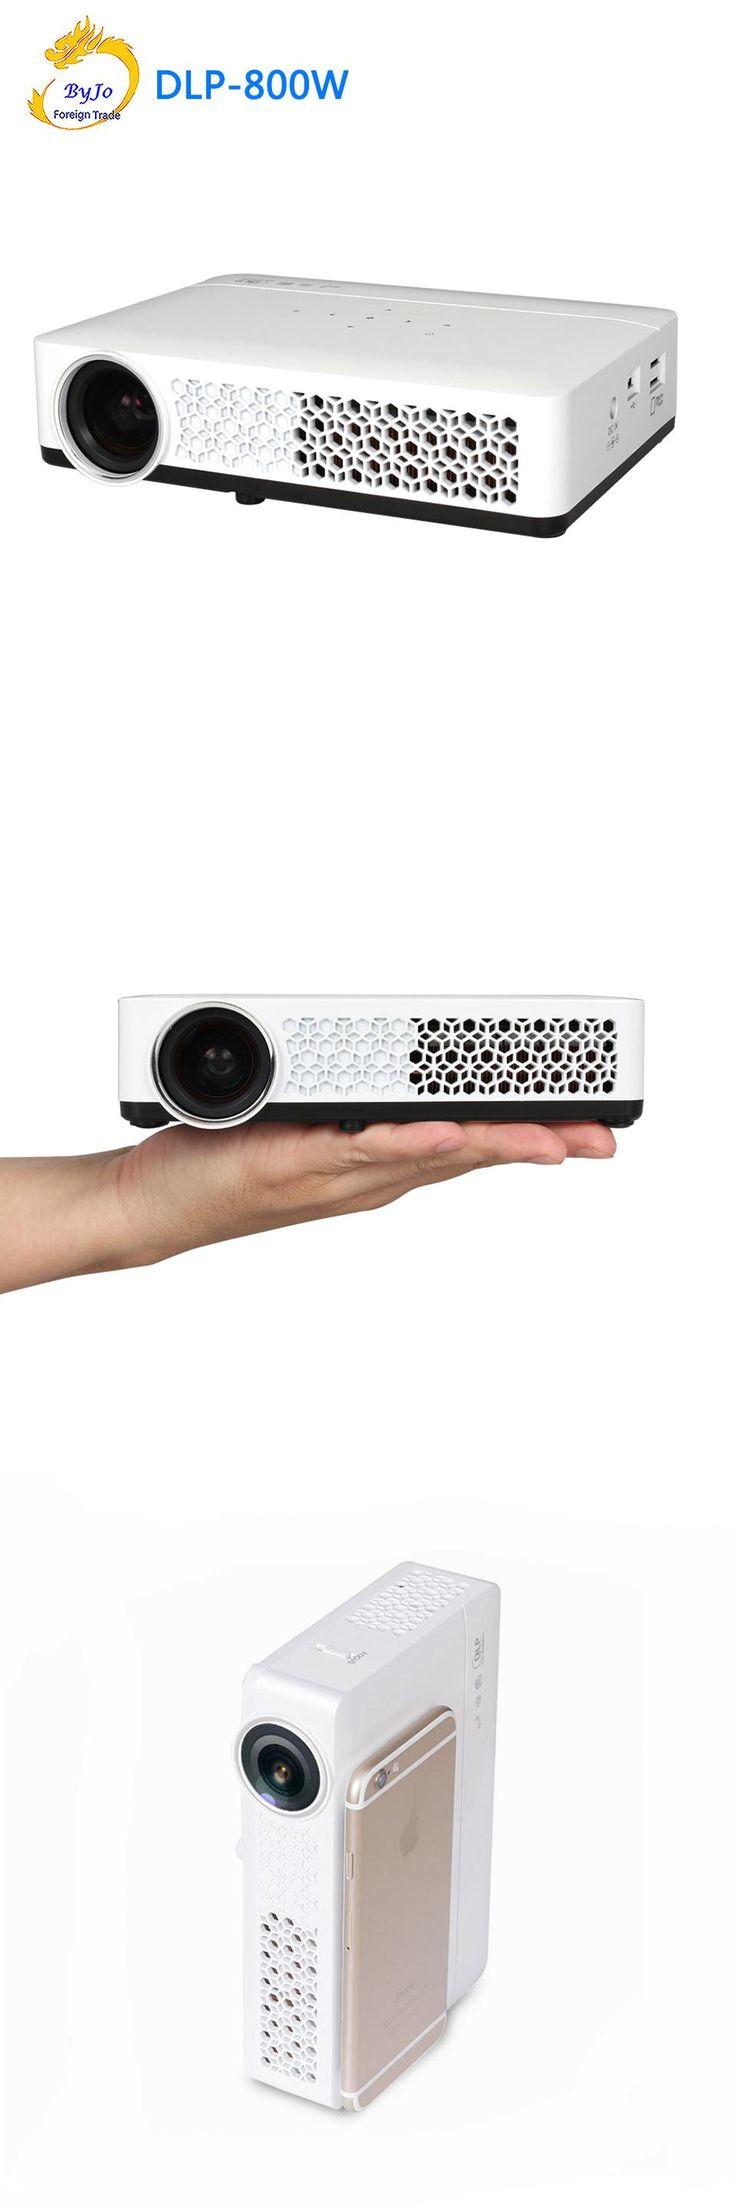 DLP-800W Mini led projector 3D 1080p Full HD projector WIFI Android Projector DLP Pocket projector Home Theater